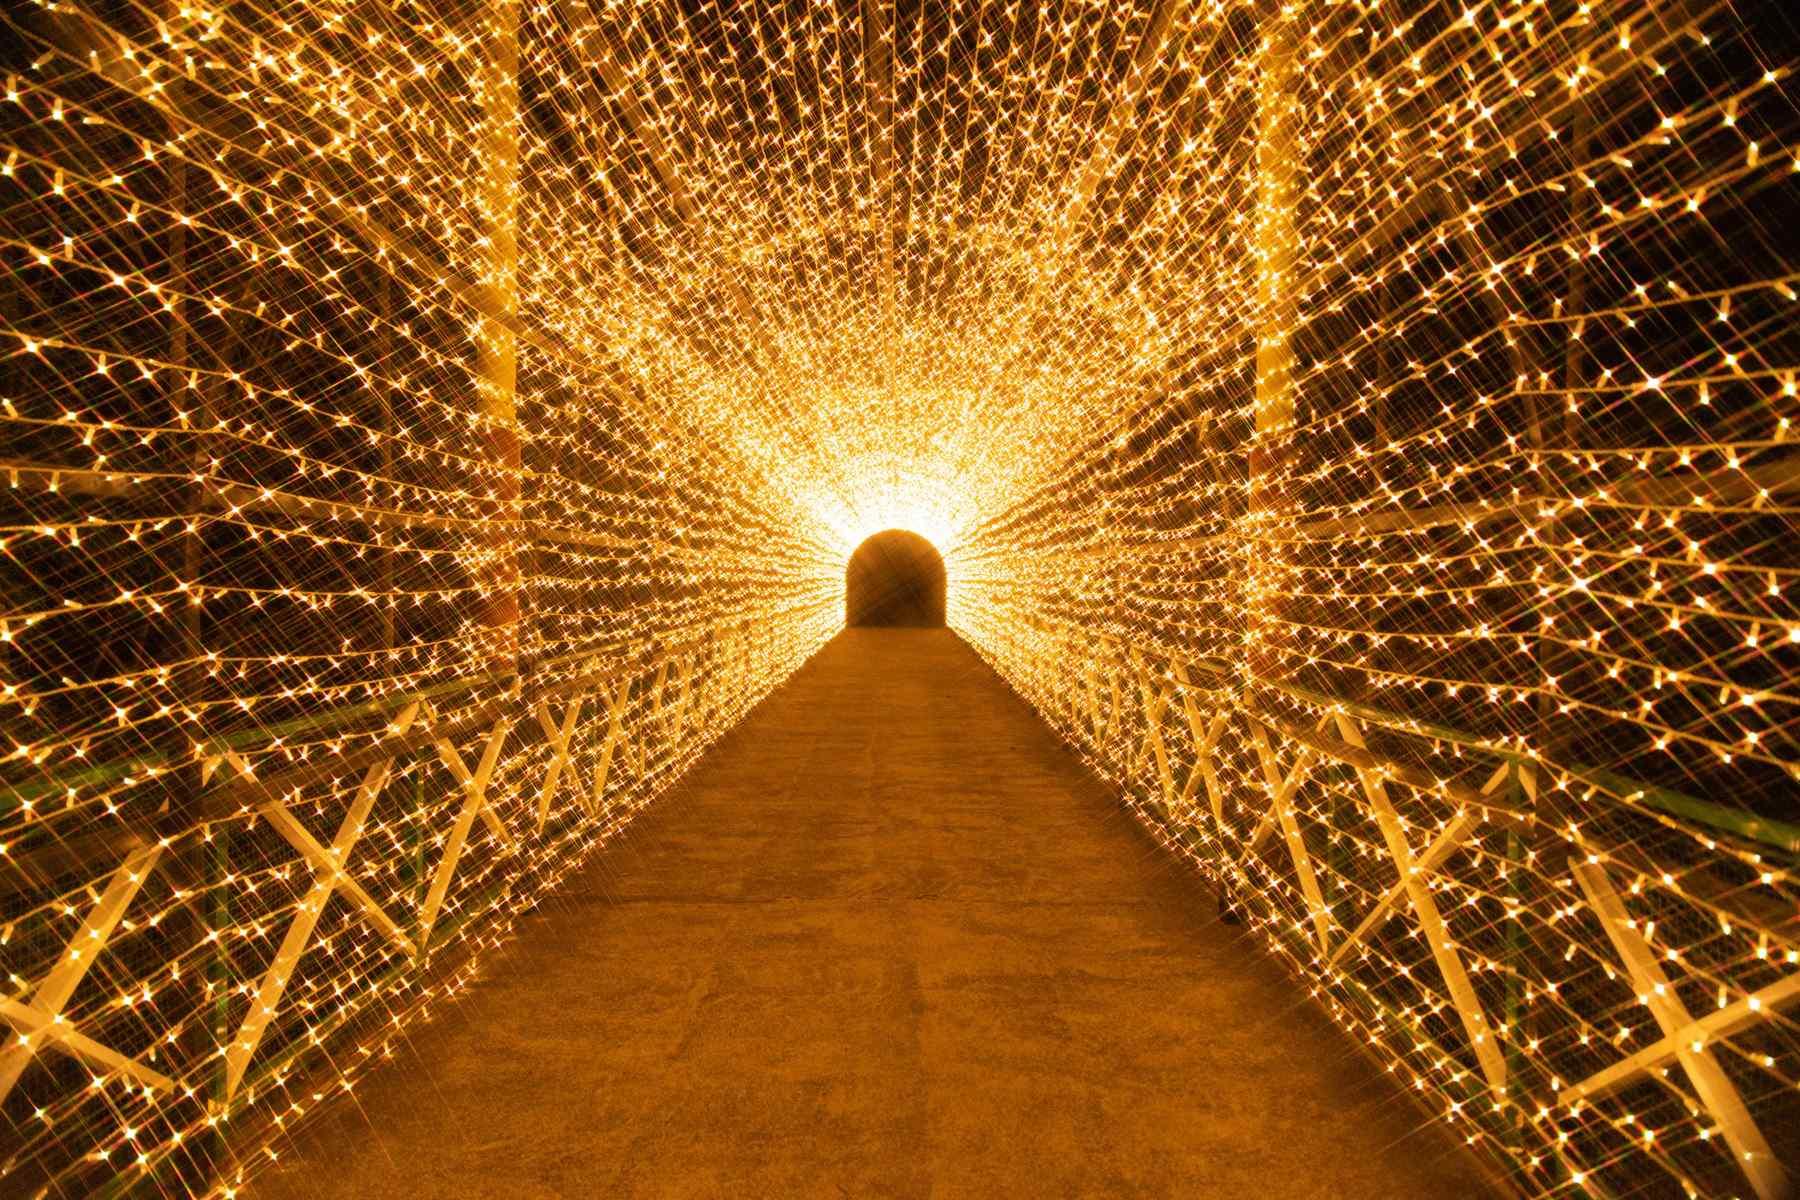 光と遊ぶ、夜の遊園地へようこそ。「キラメキノセカイ」